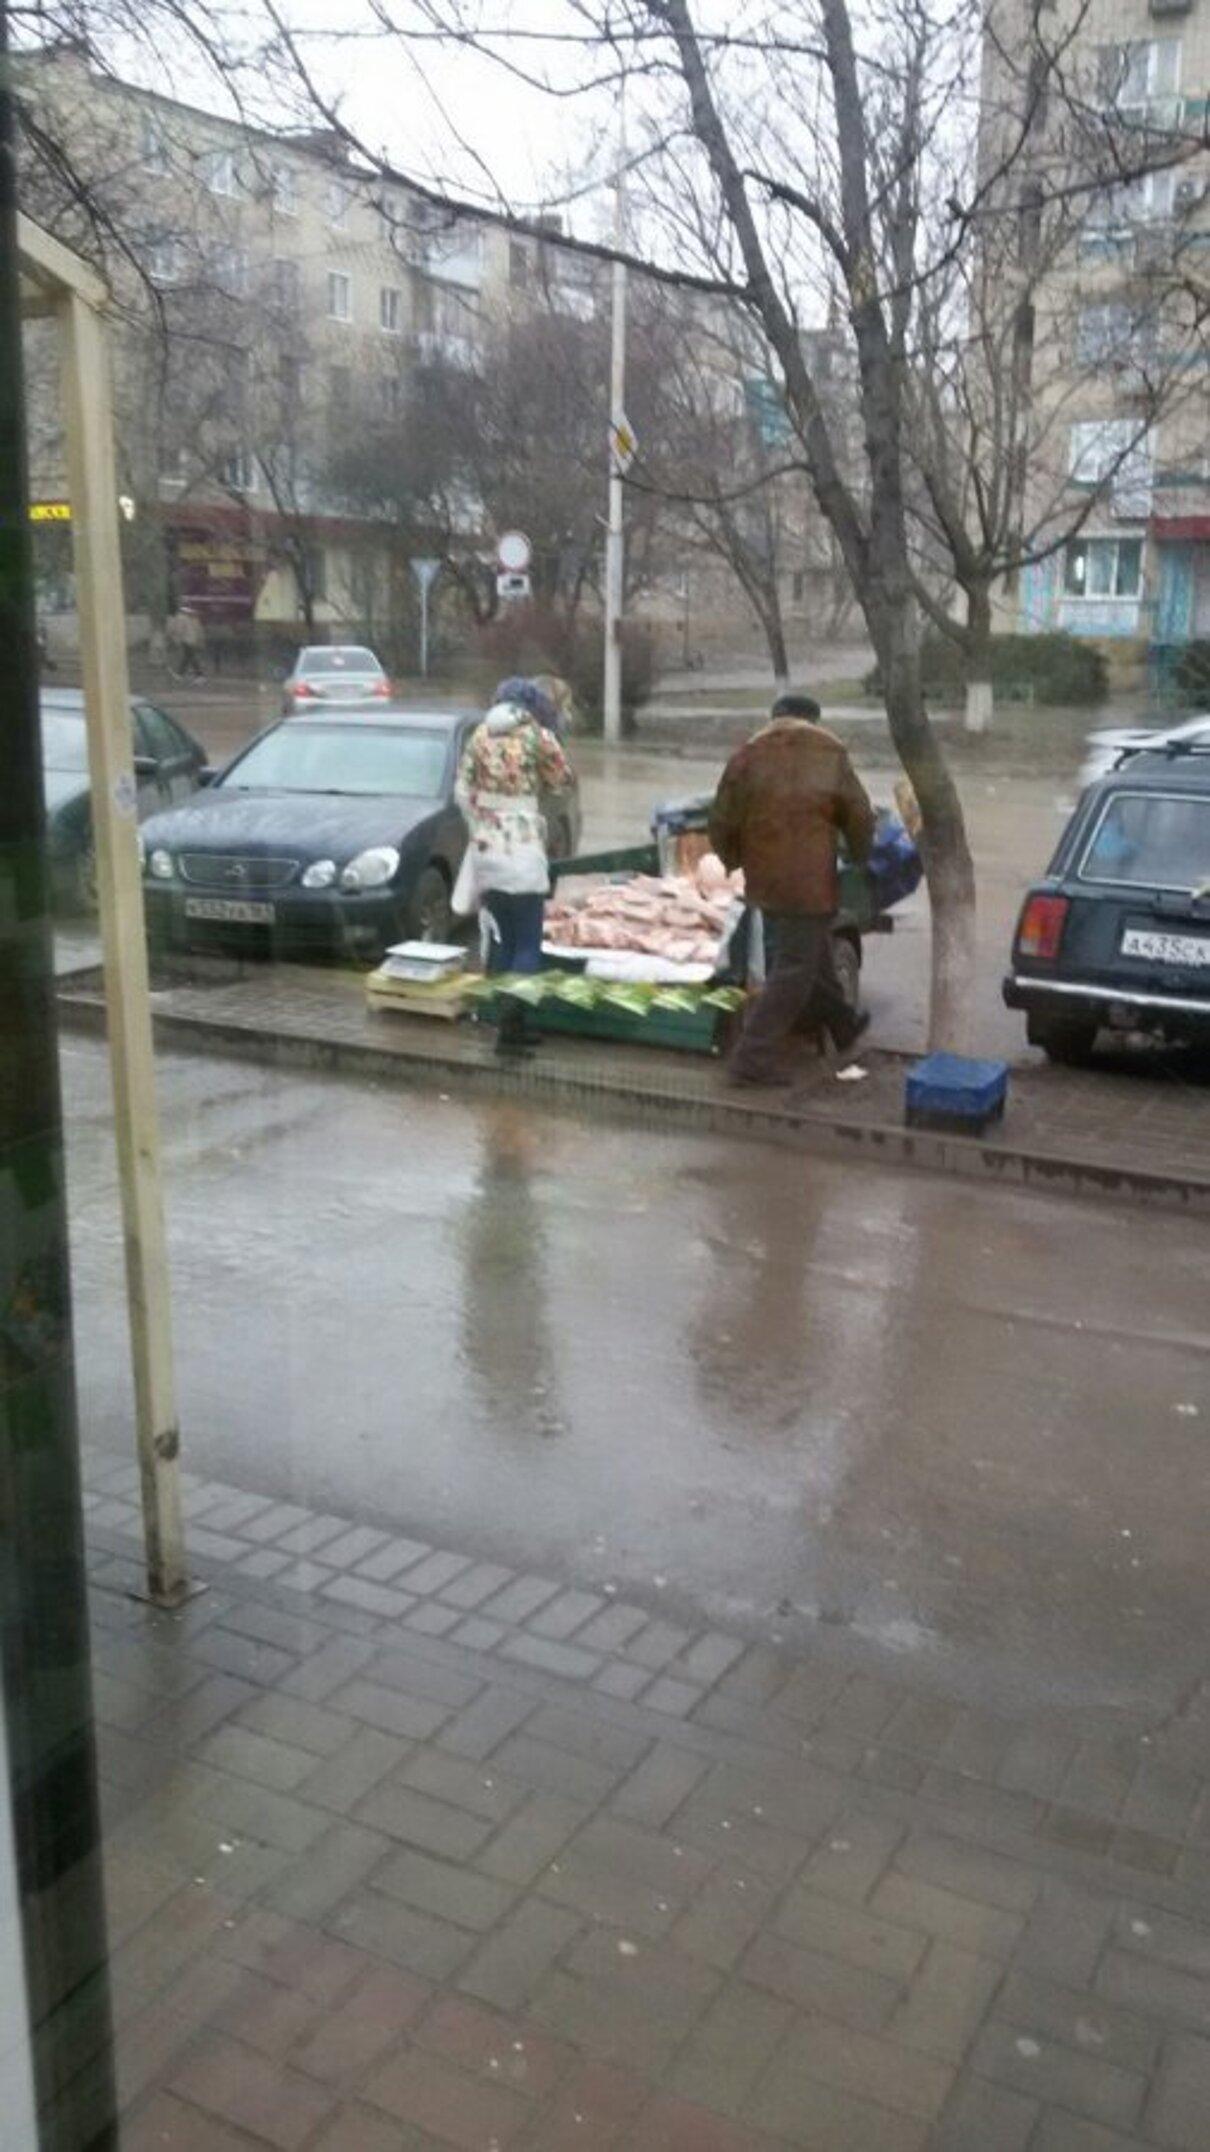 Жалоба-отзыв: Продавцы мяса на тротуарах и вдоль дорог - Беспредел в г.Волгодонске.  Фото №2